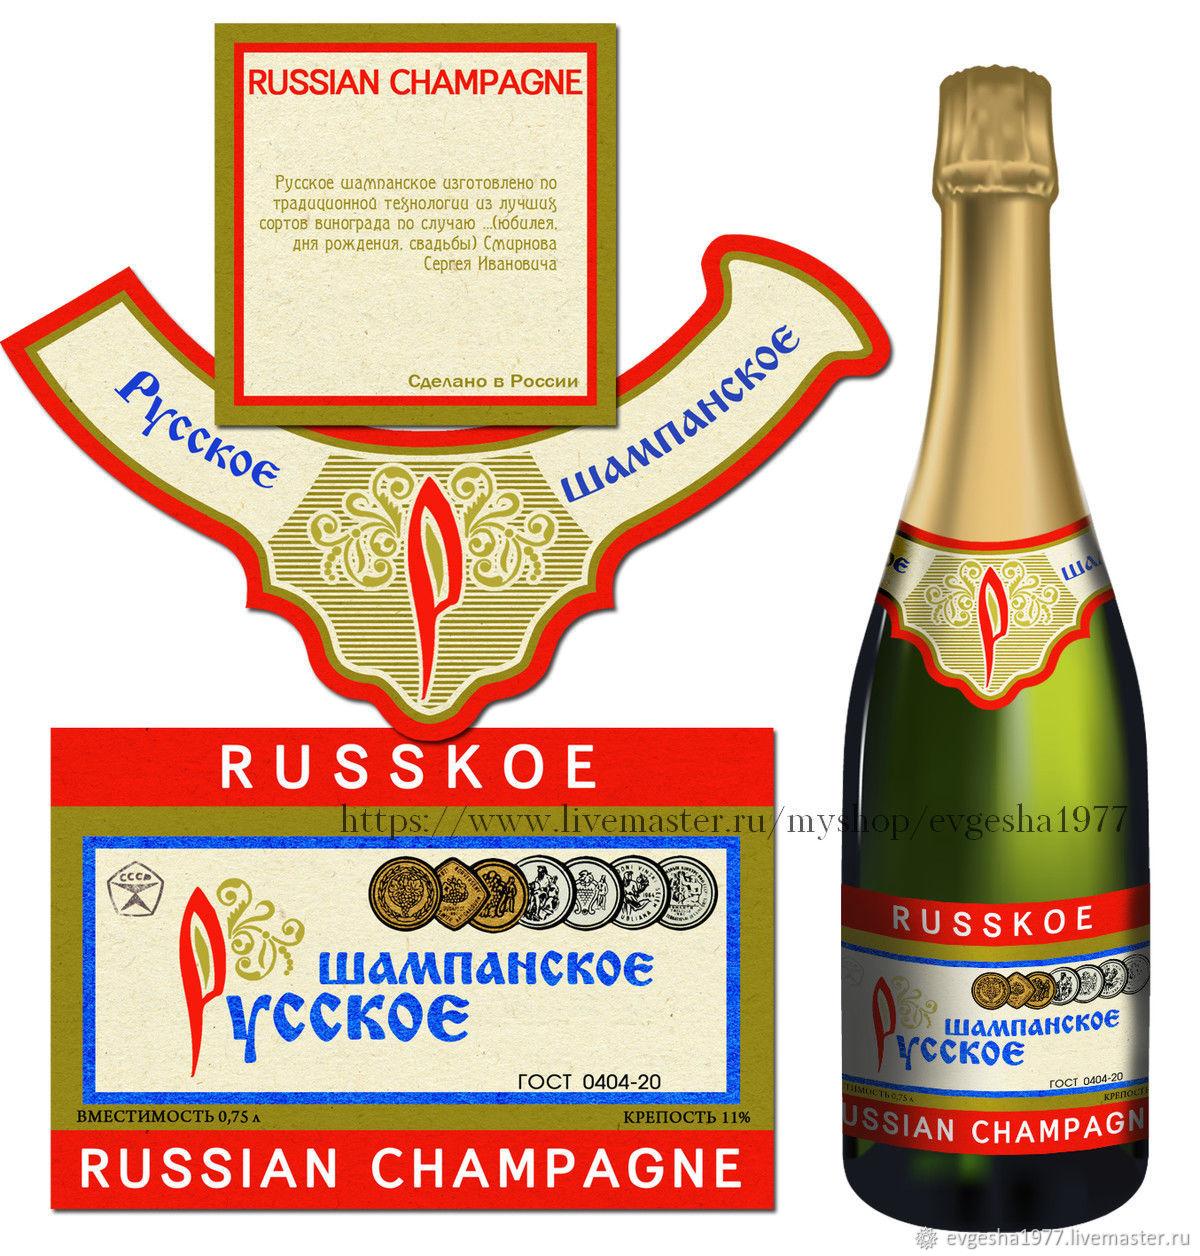 этикетки с фото на бутылку шампанского воронеж рекомендации для